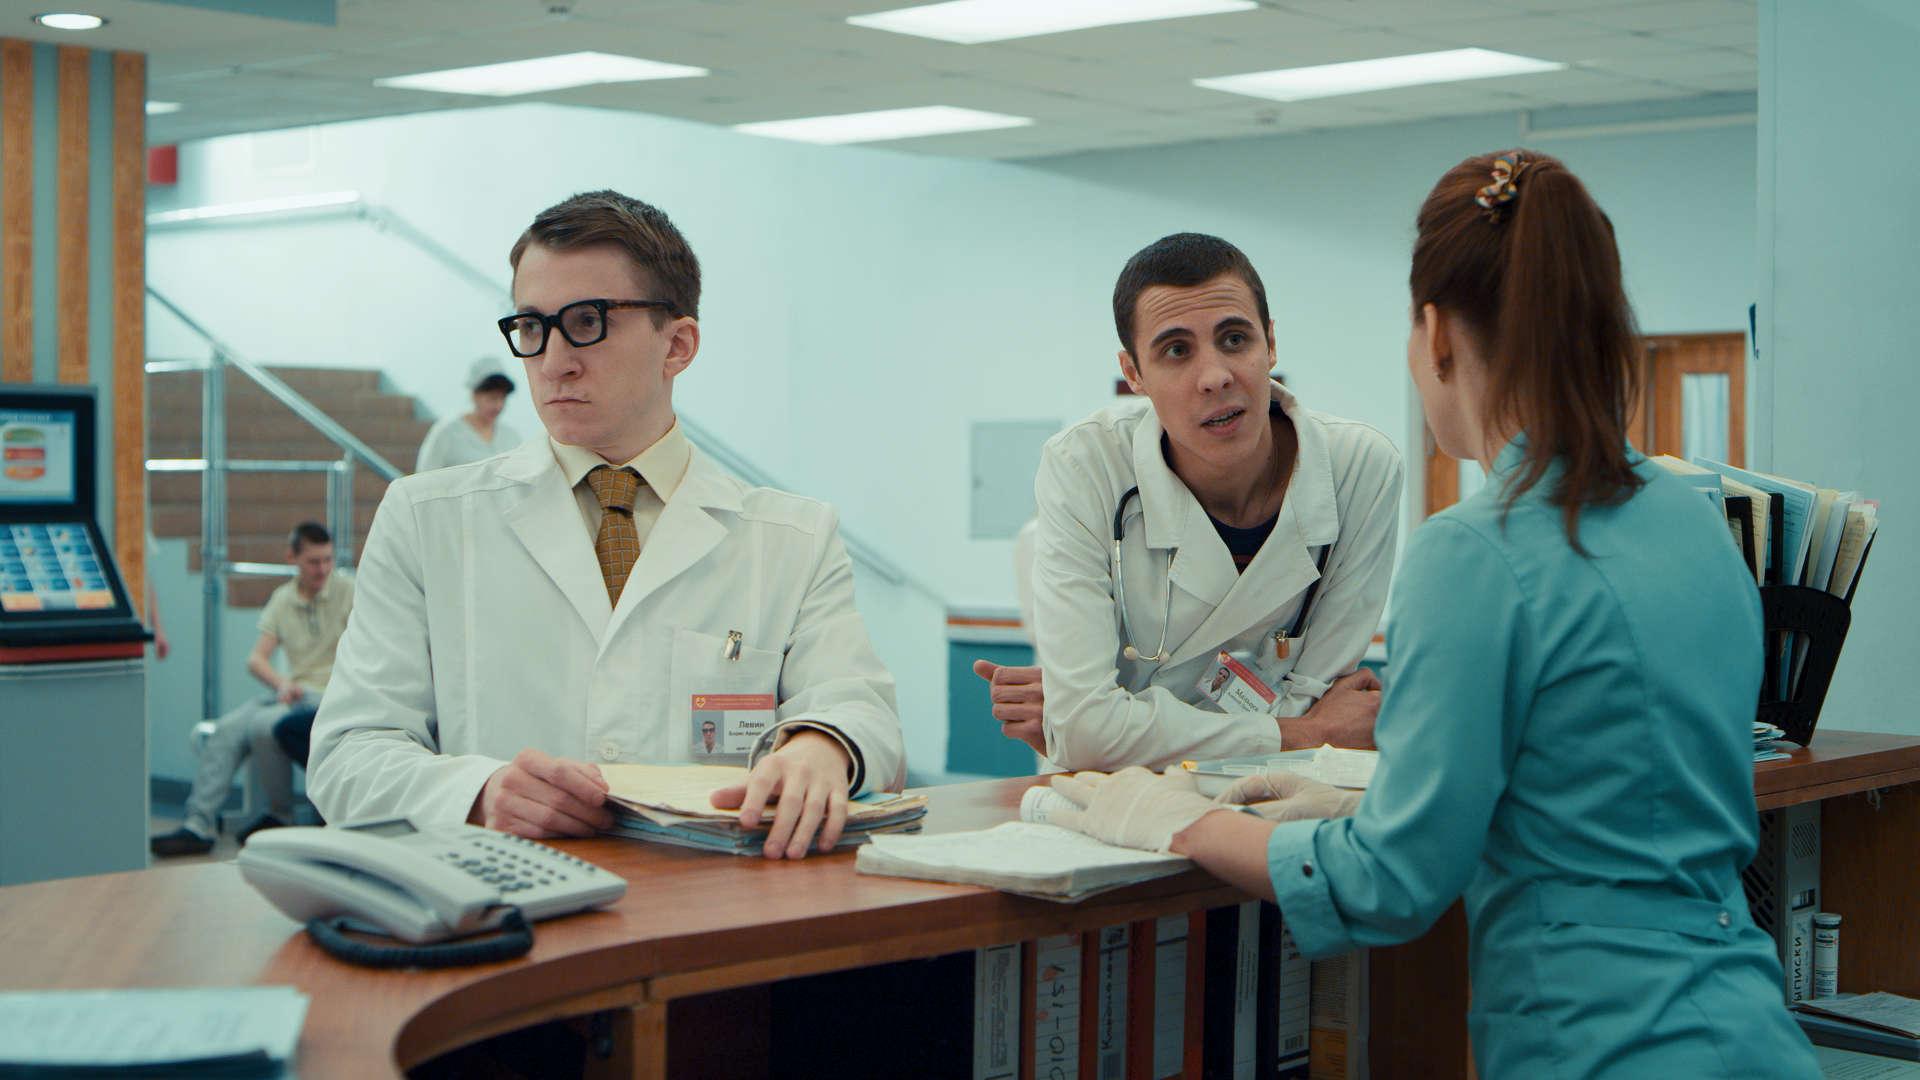 кадр из комедийного телесериала «Интерны»